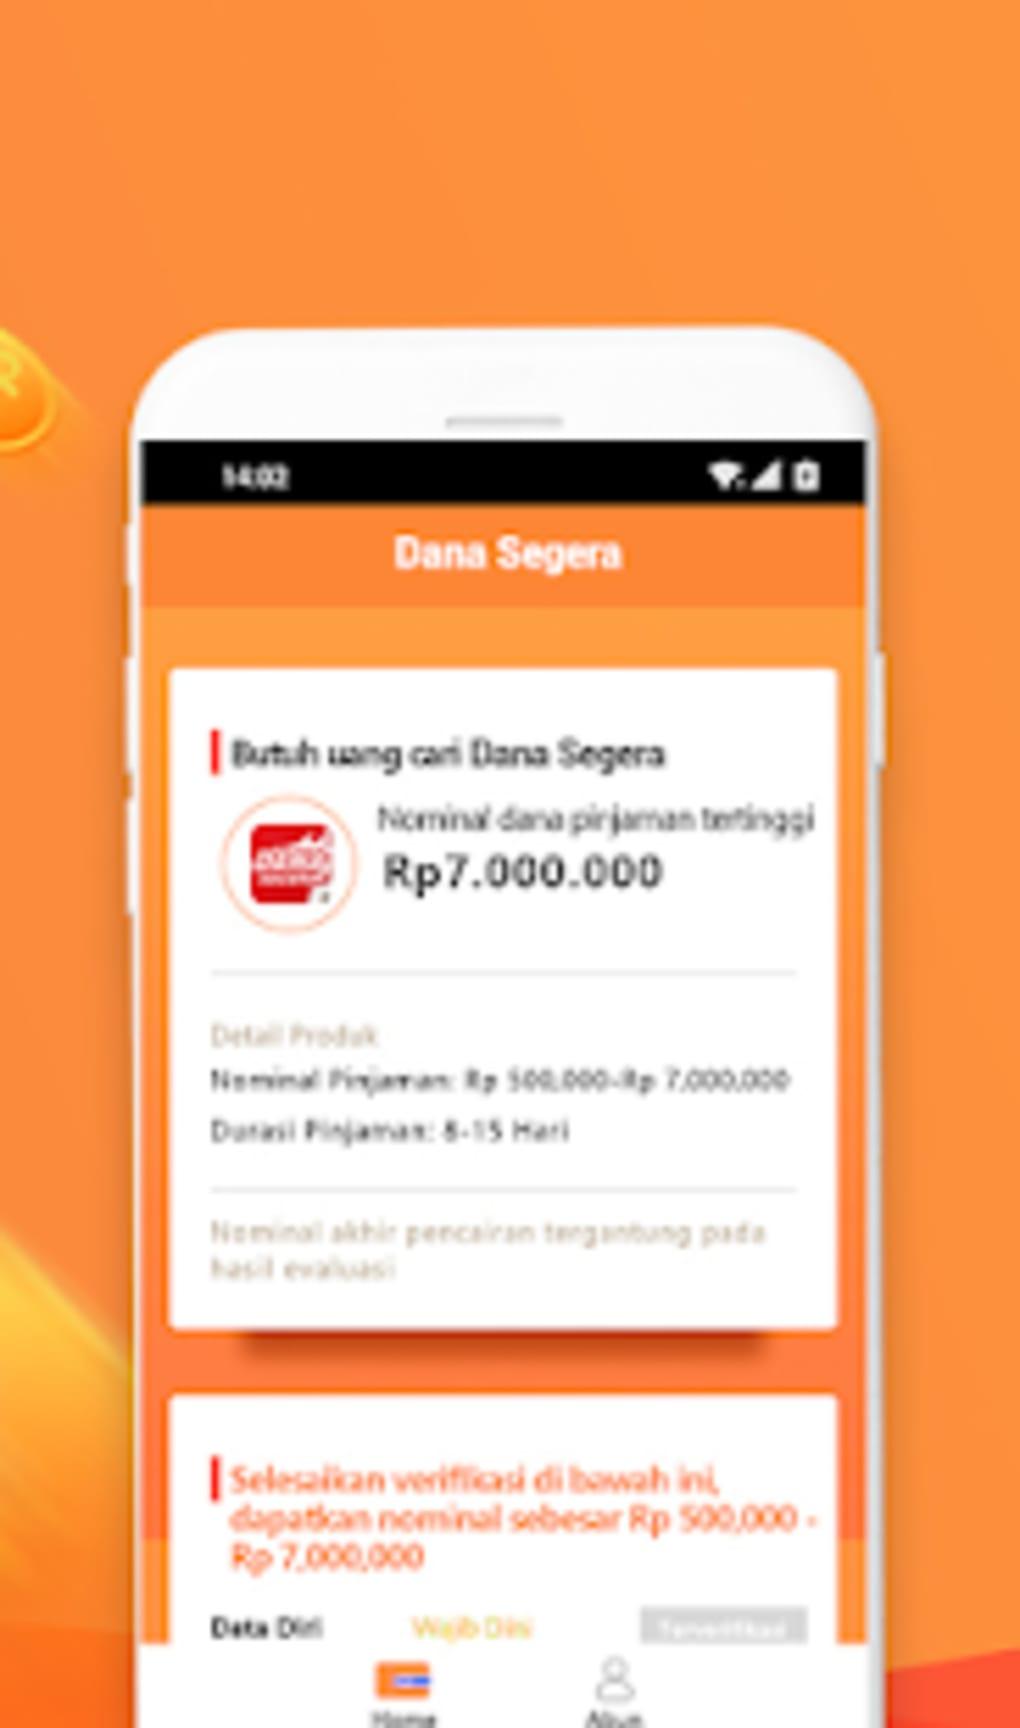 Danasegera Pinjaman Uang Dana Tunai Online Cepat Apk Untuk Android Unduh